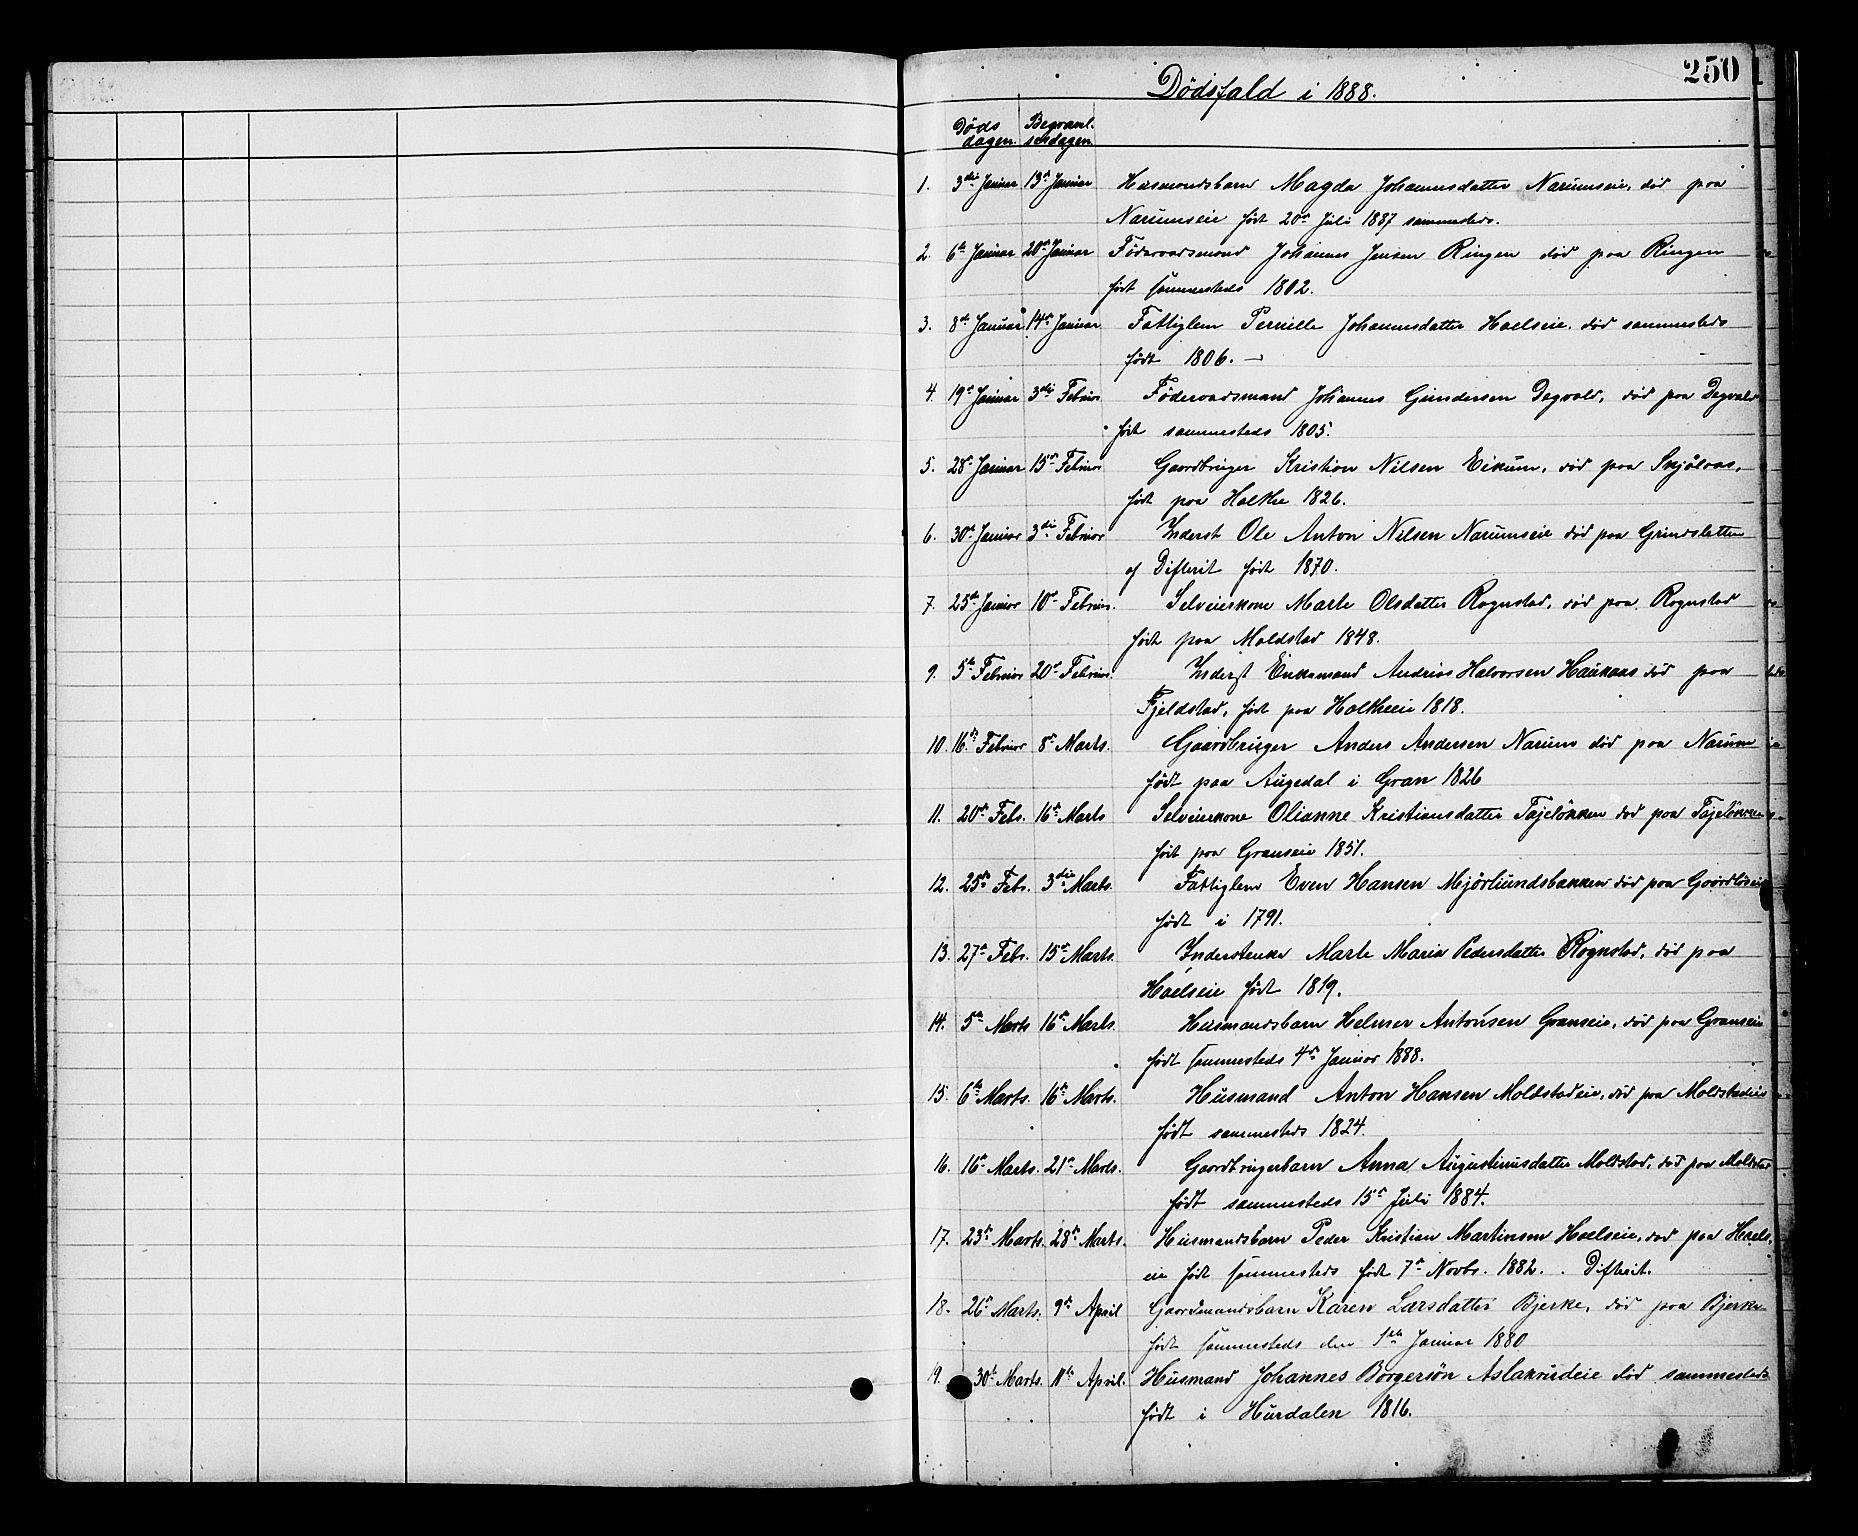 SAH, Vestre Toten prestekontor, H/Ha/Hab/L0008: Klokkerbok nr. 8, 1885-1900, s. 250